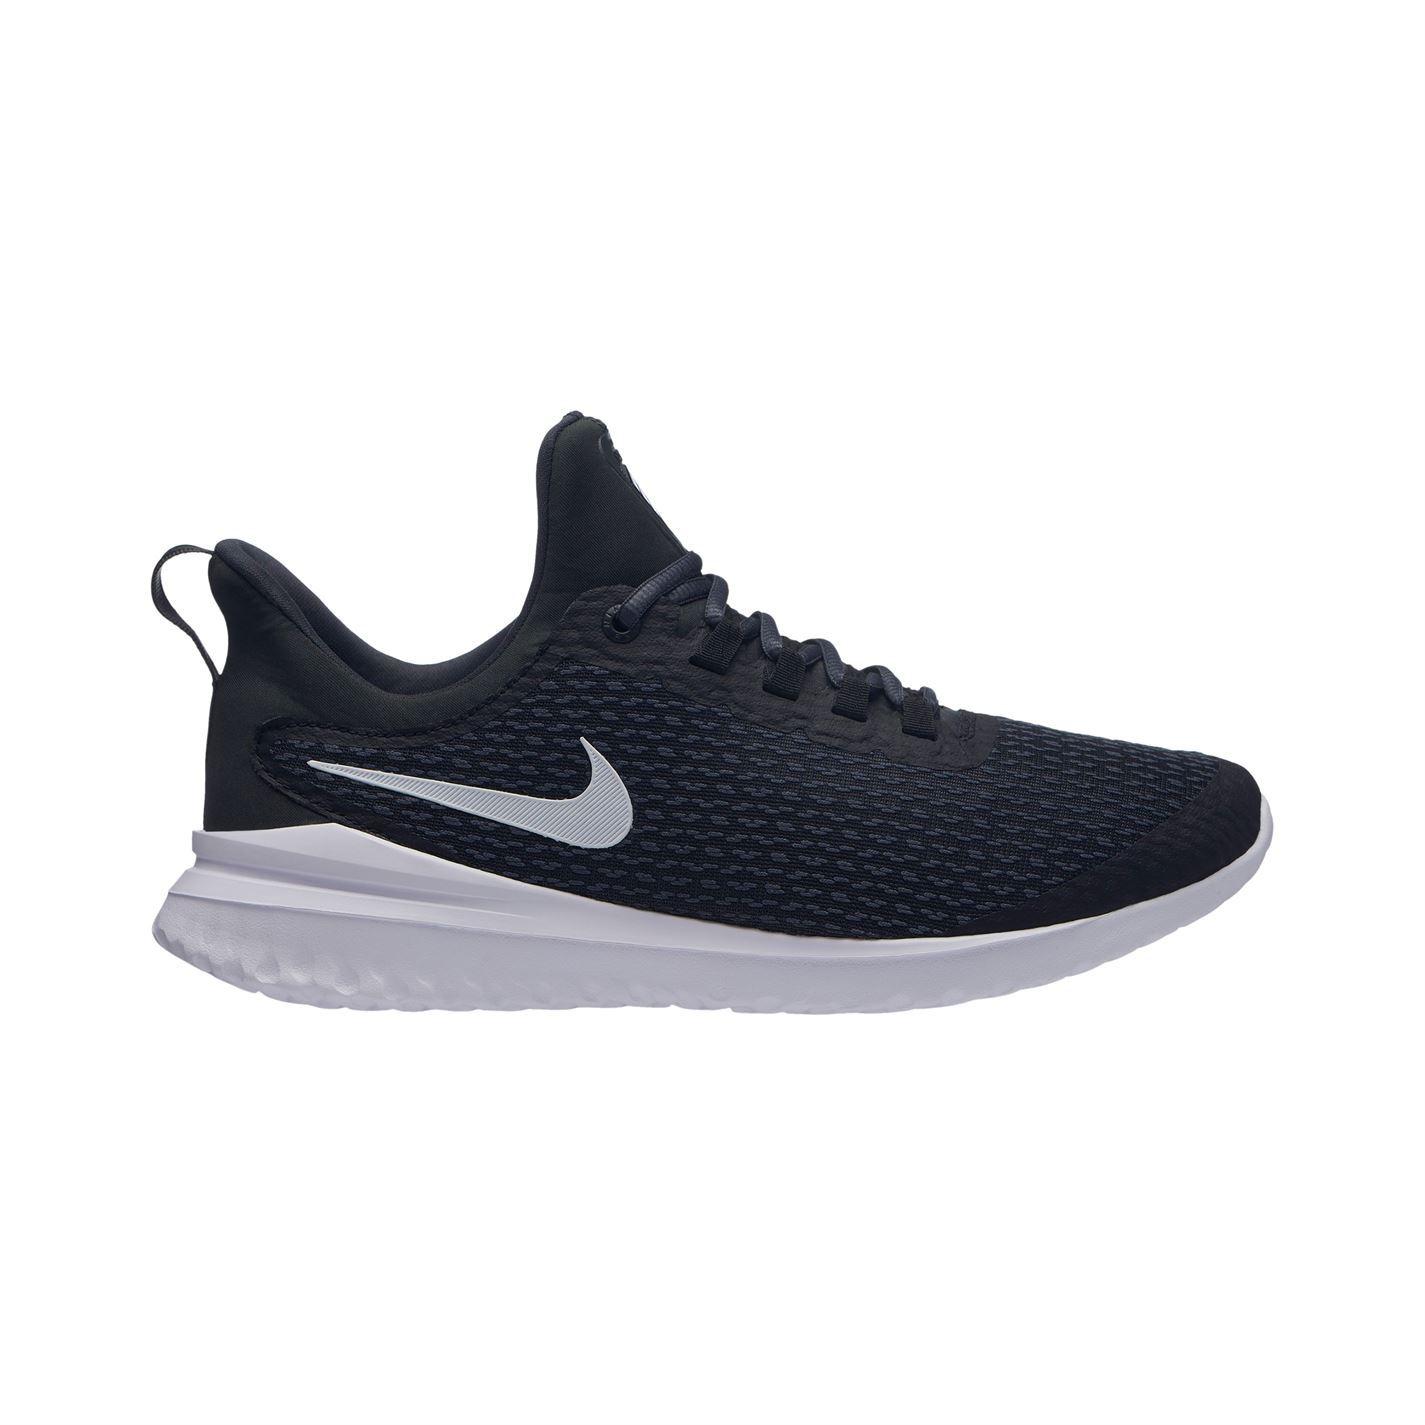 Detalles de Nike Renew Rival Zapatillas Running Hombre Fitness Trote Zapatillas